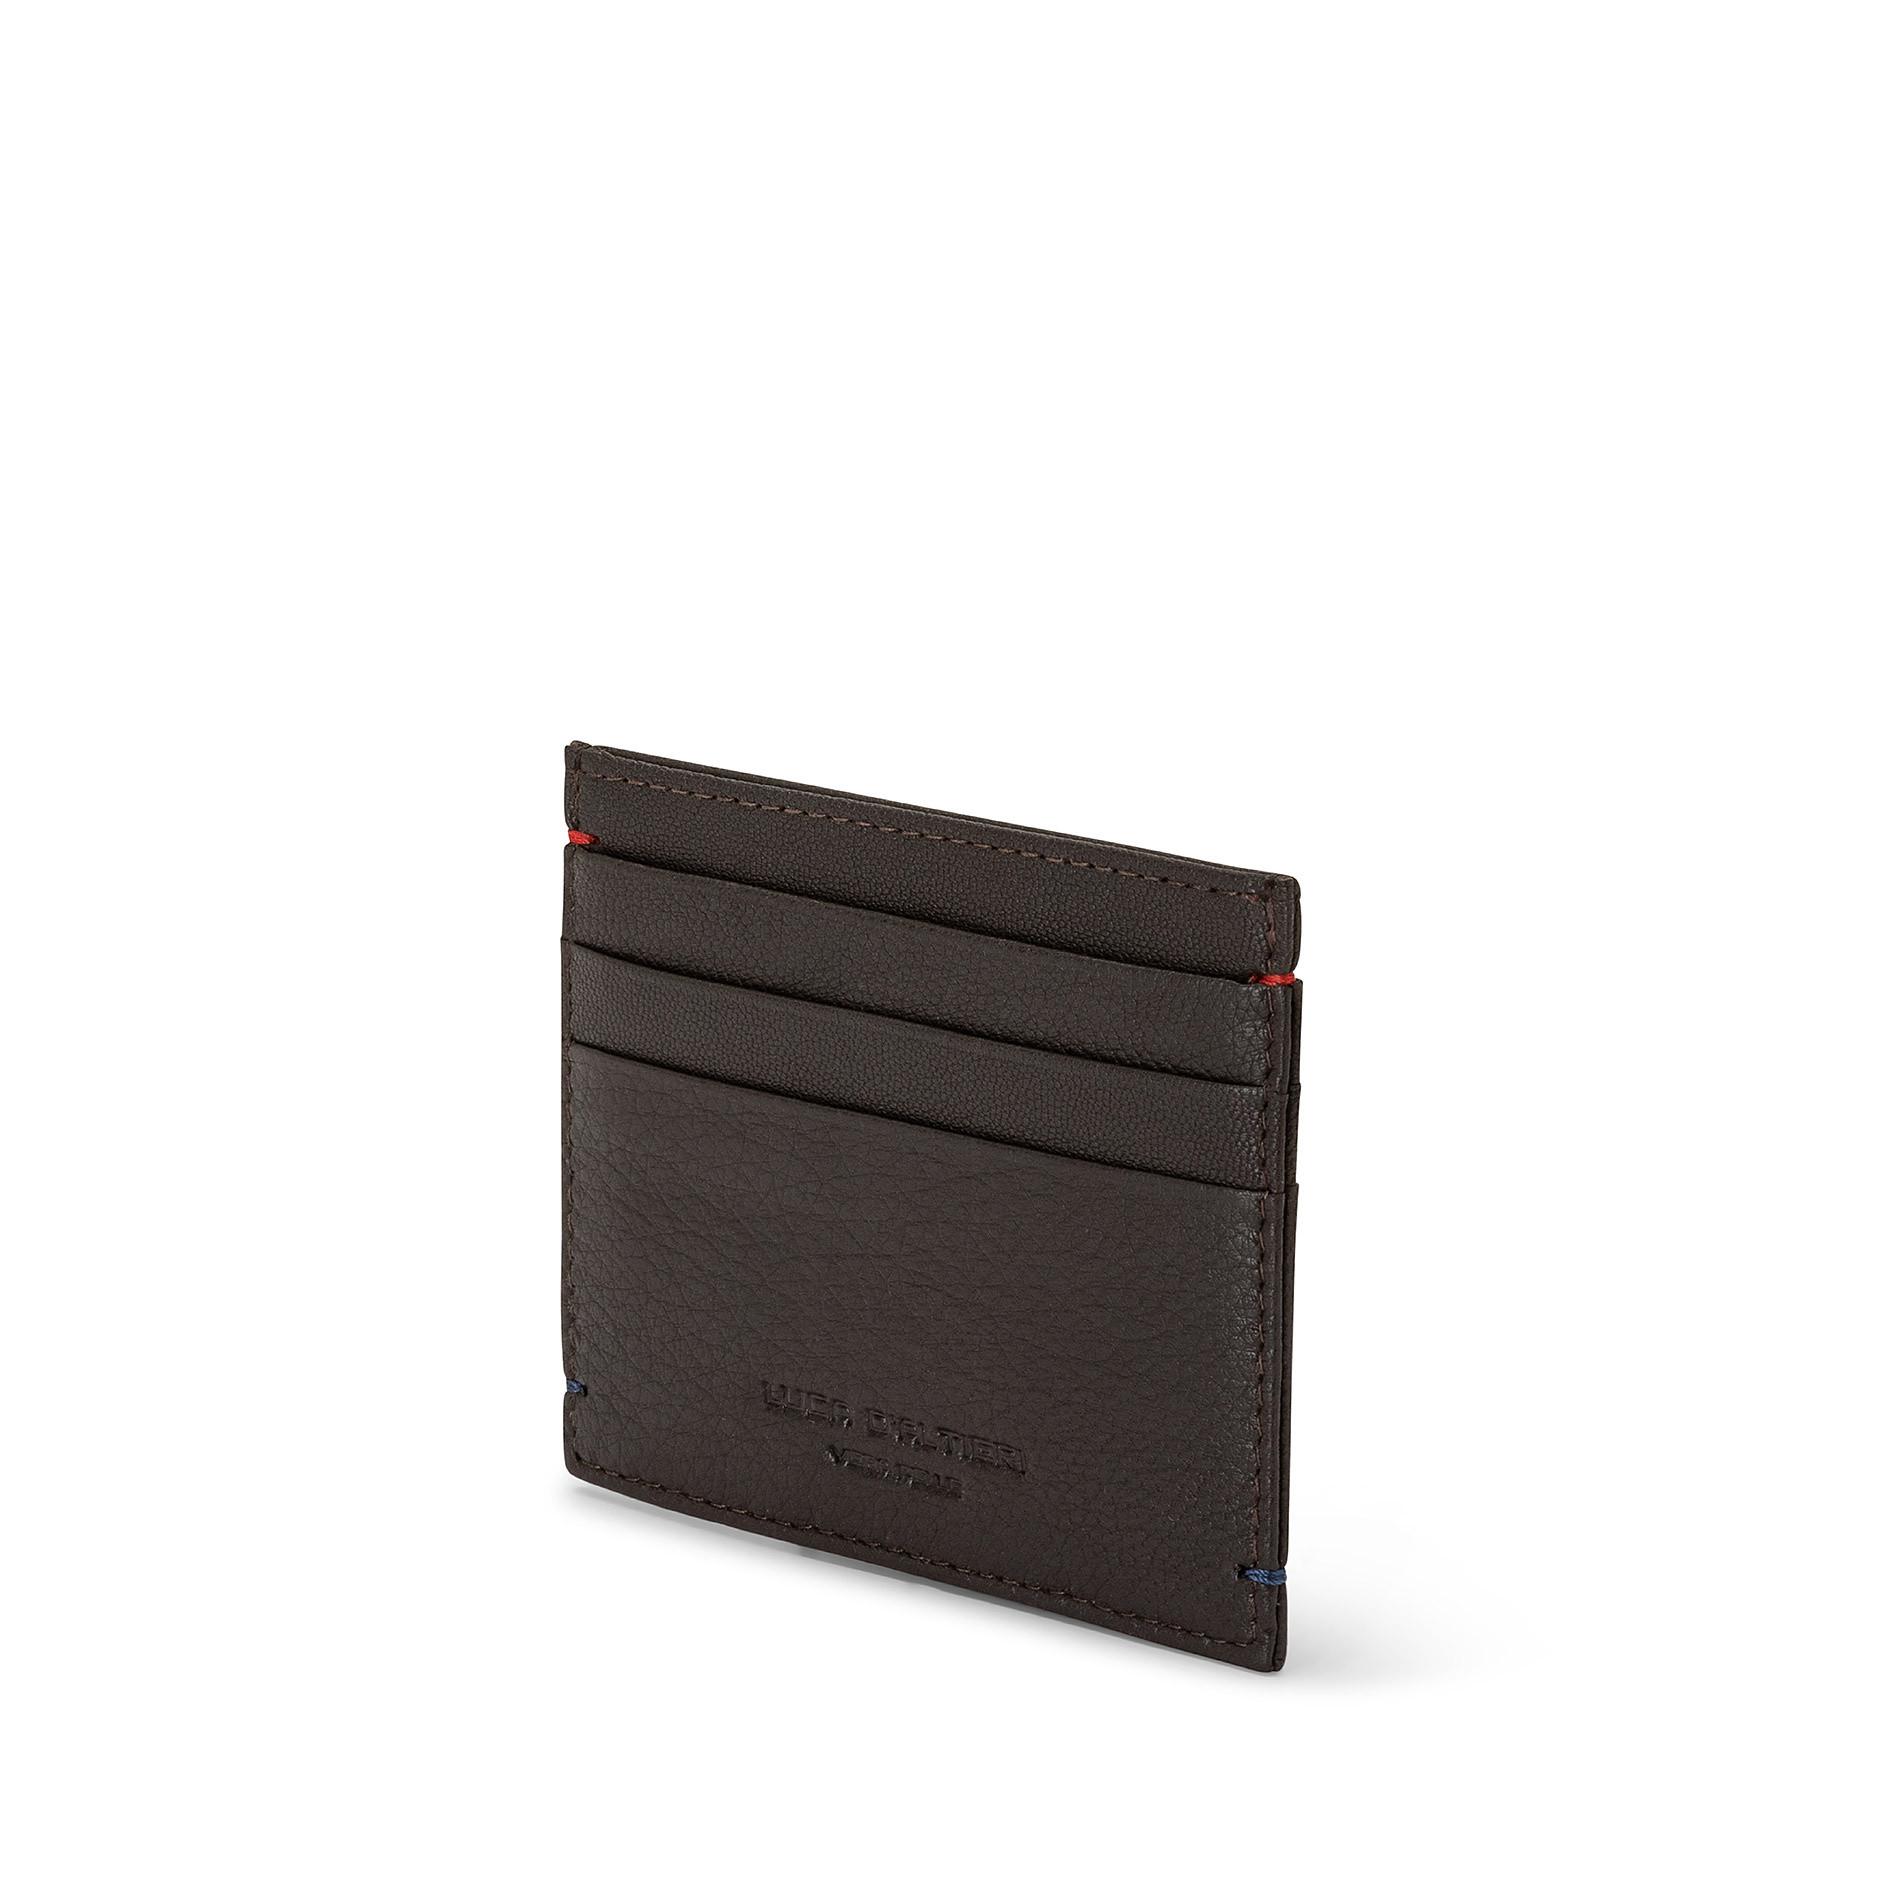 Porta carte di credito in pelle Luca D'Altieri, Marrone scuro, large image number 1